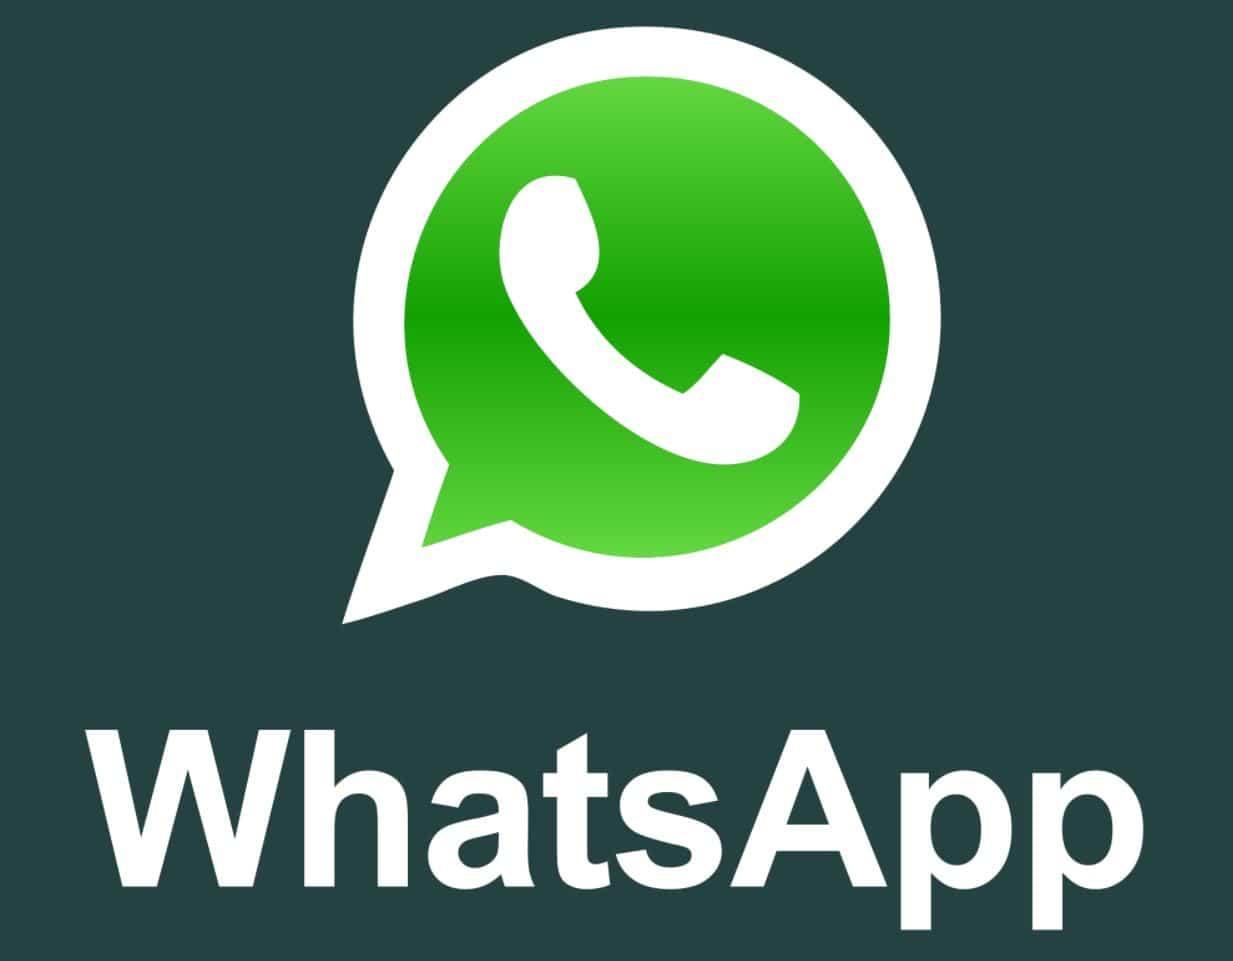 whatsapp windows 10 store